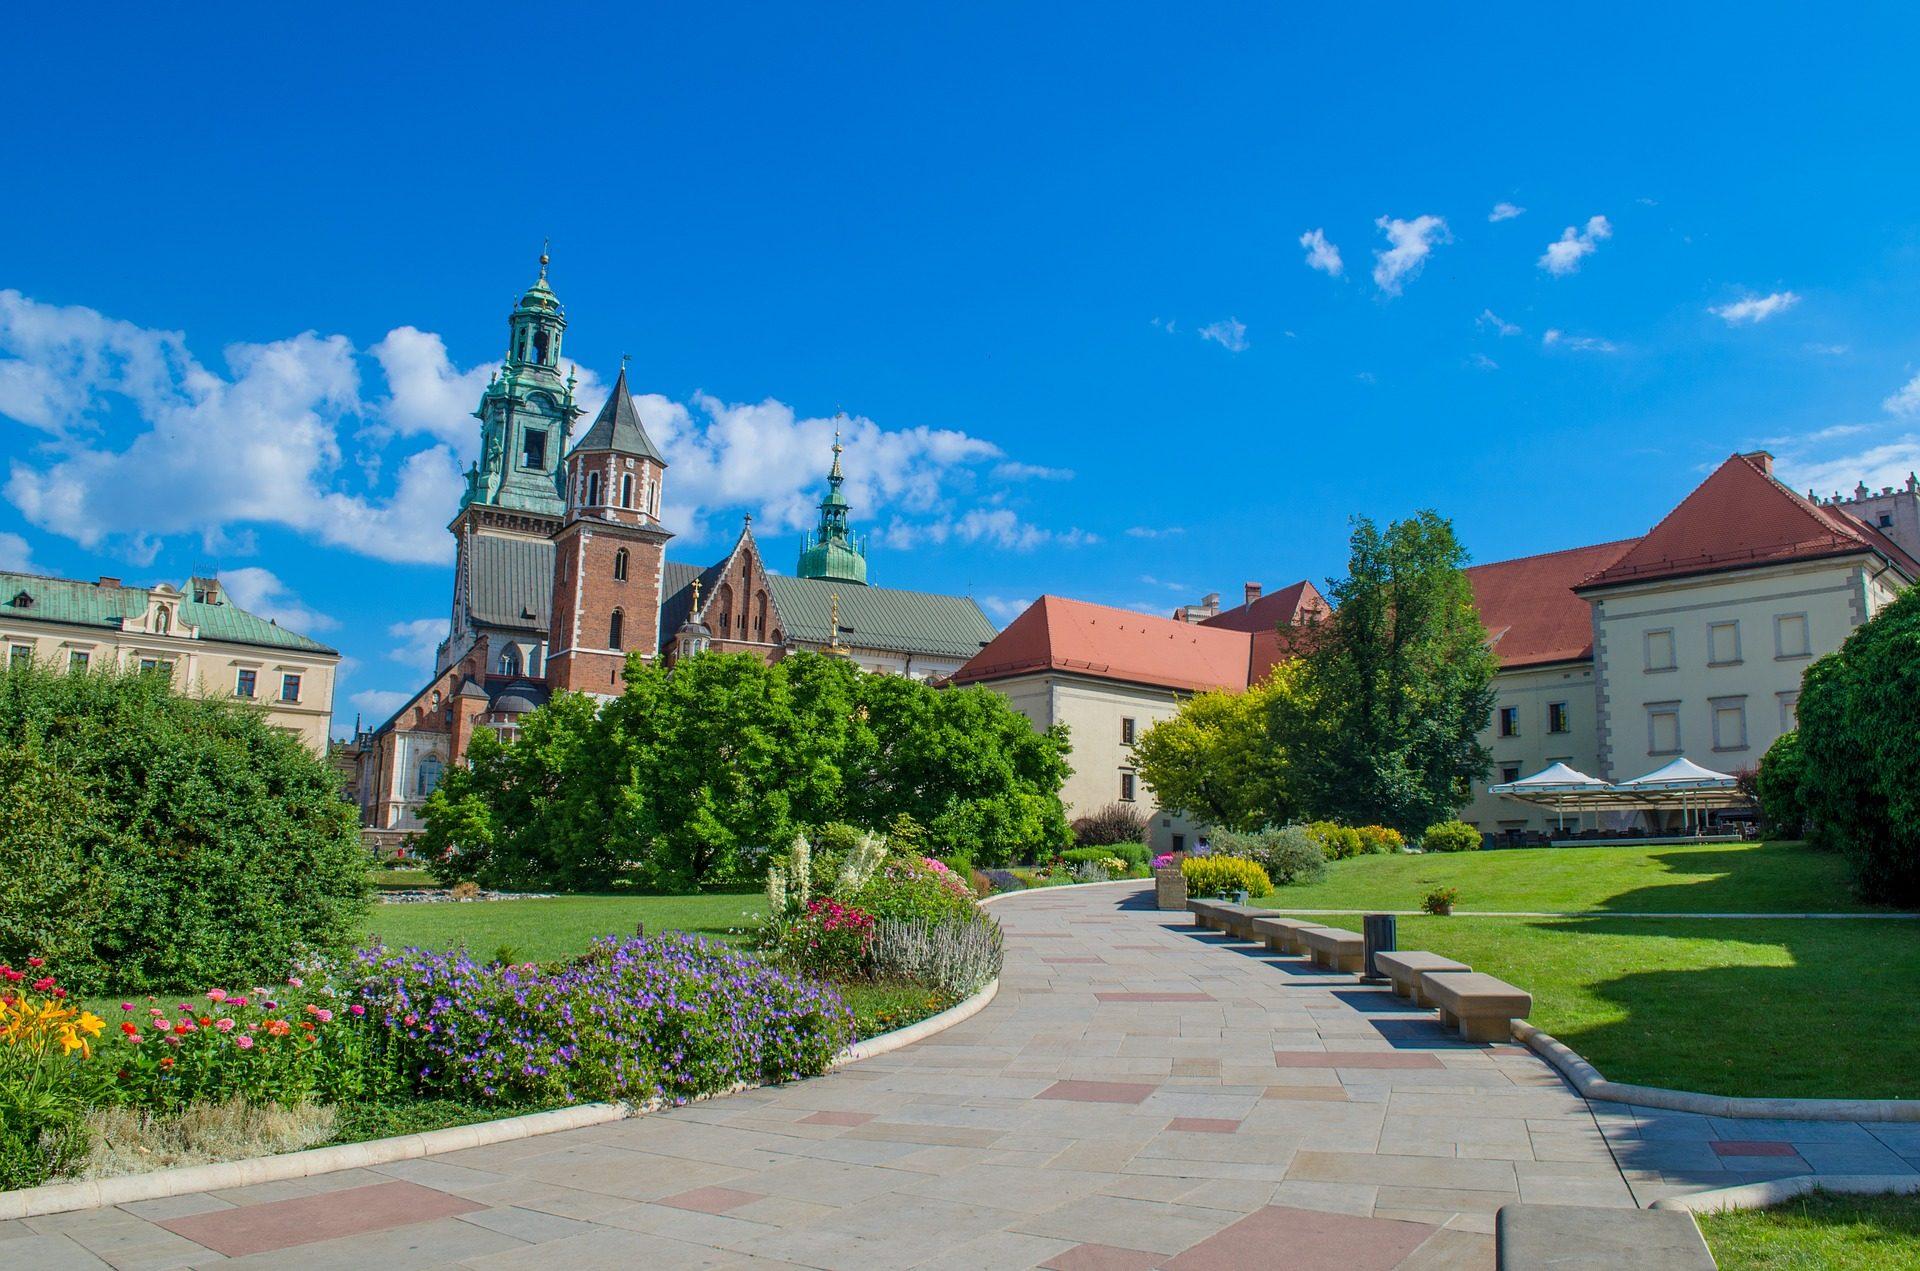 Salzbergwerk Krakau Hotel ab 14,00€ die Nacht - Städtereise Krakau Polen 1